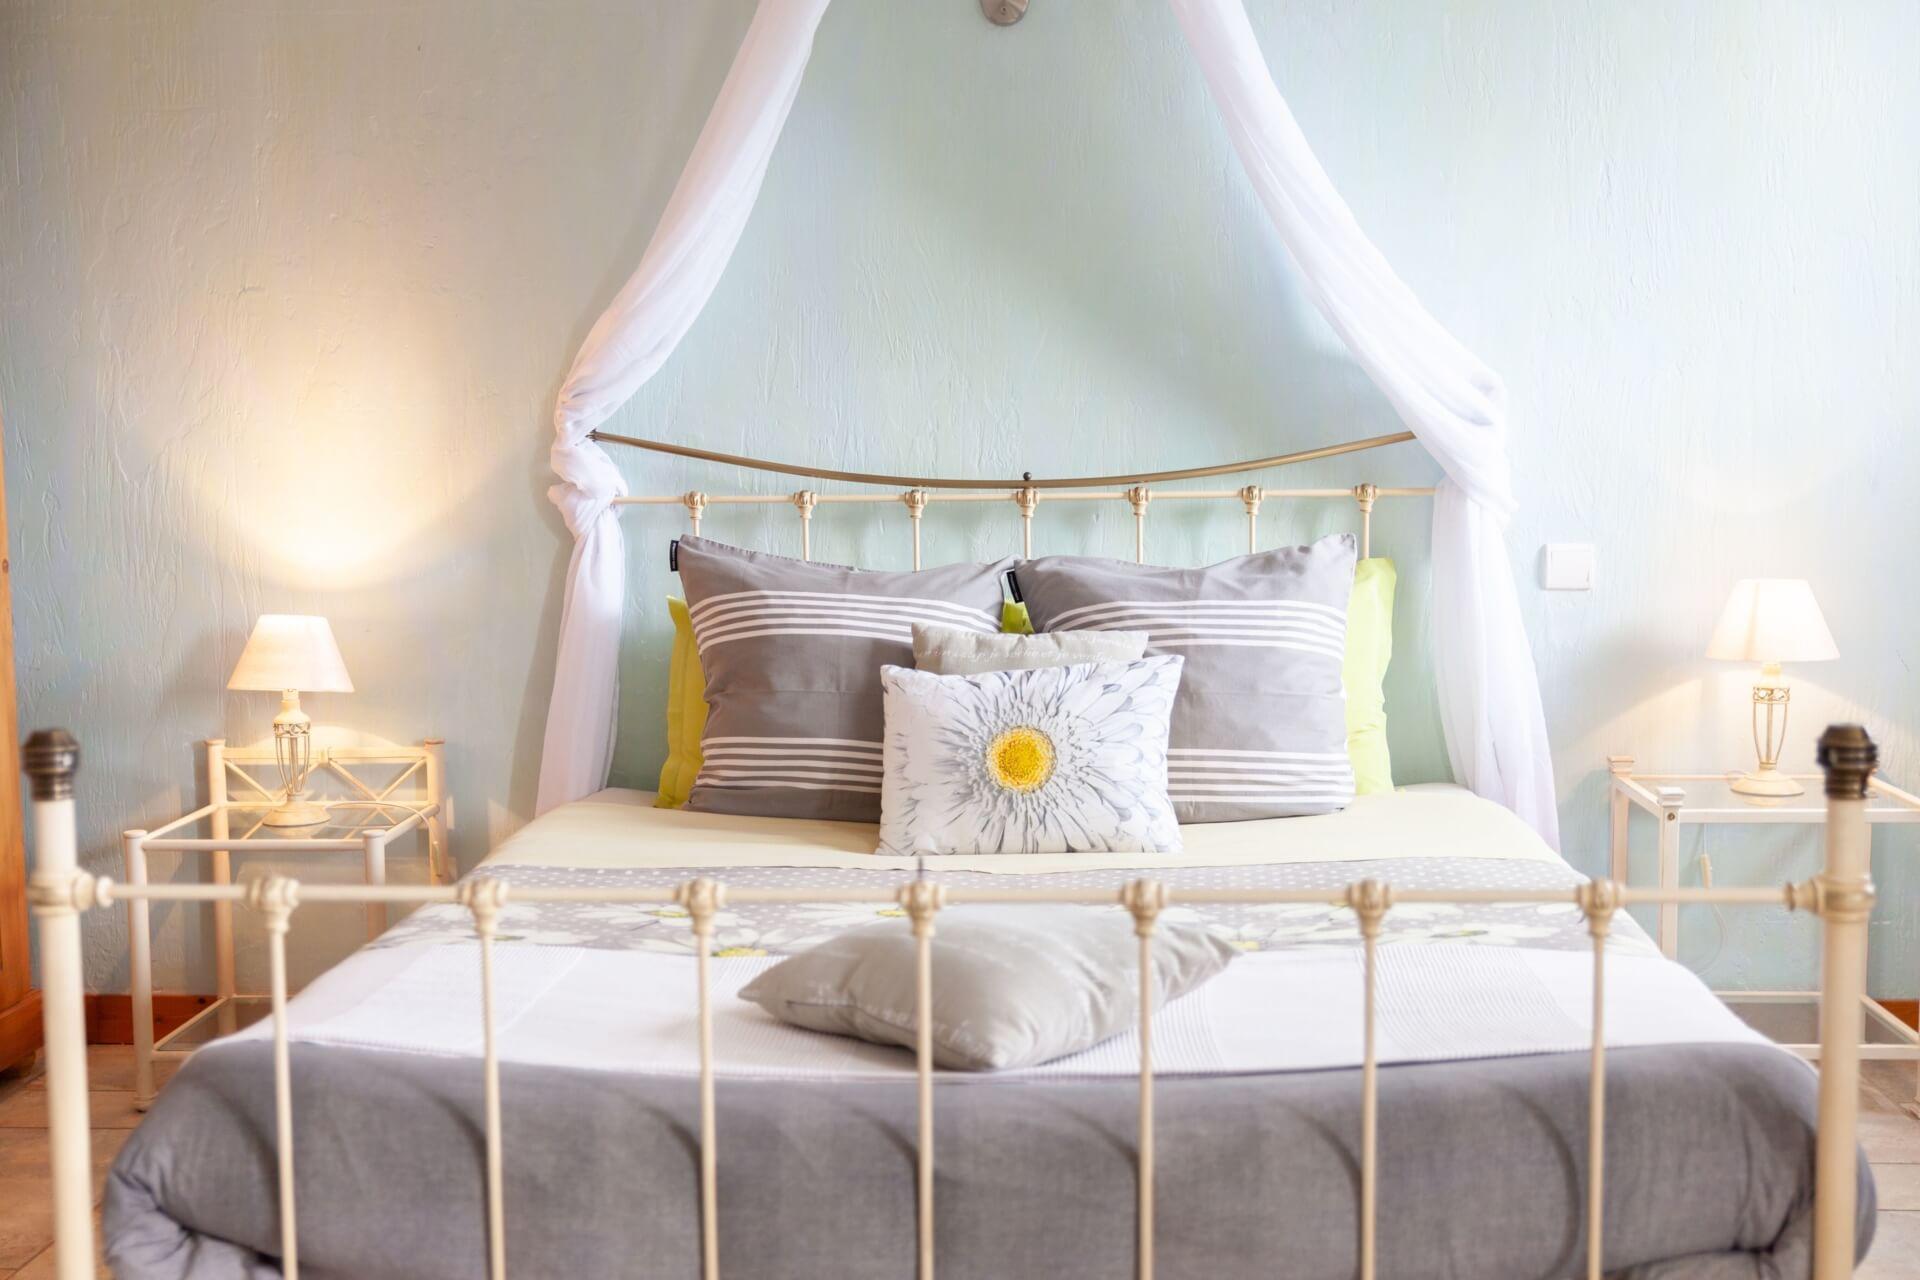 Petite suite familiale avec lit 160x200 et deux lits simples, salle de bain